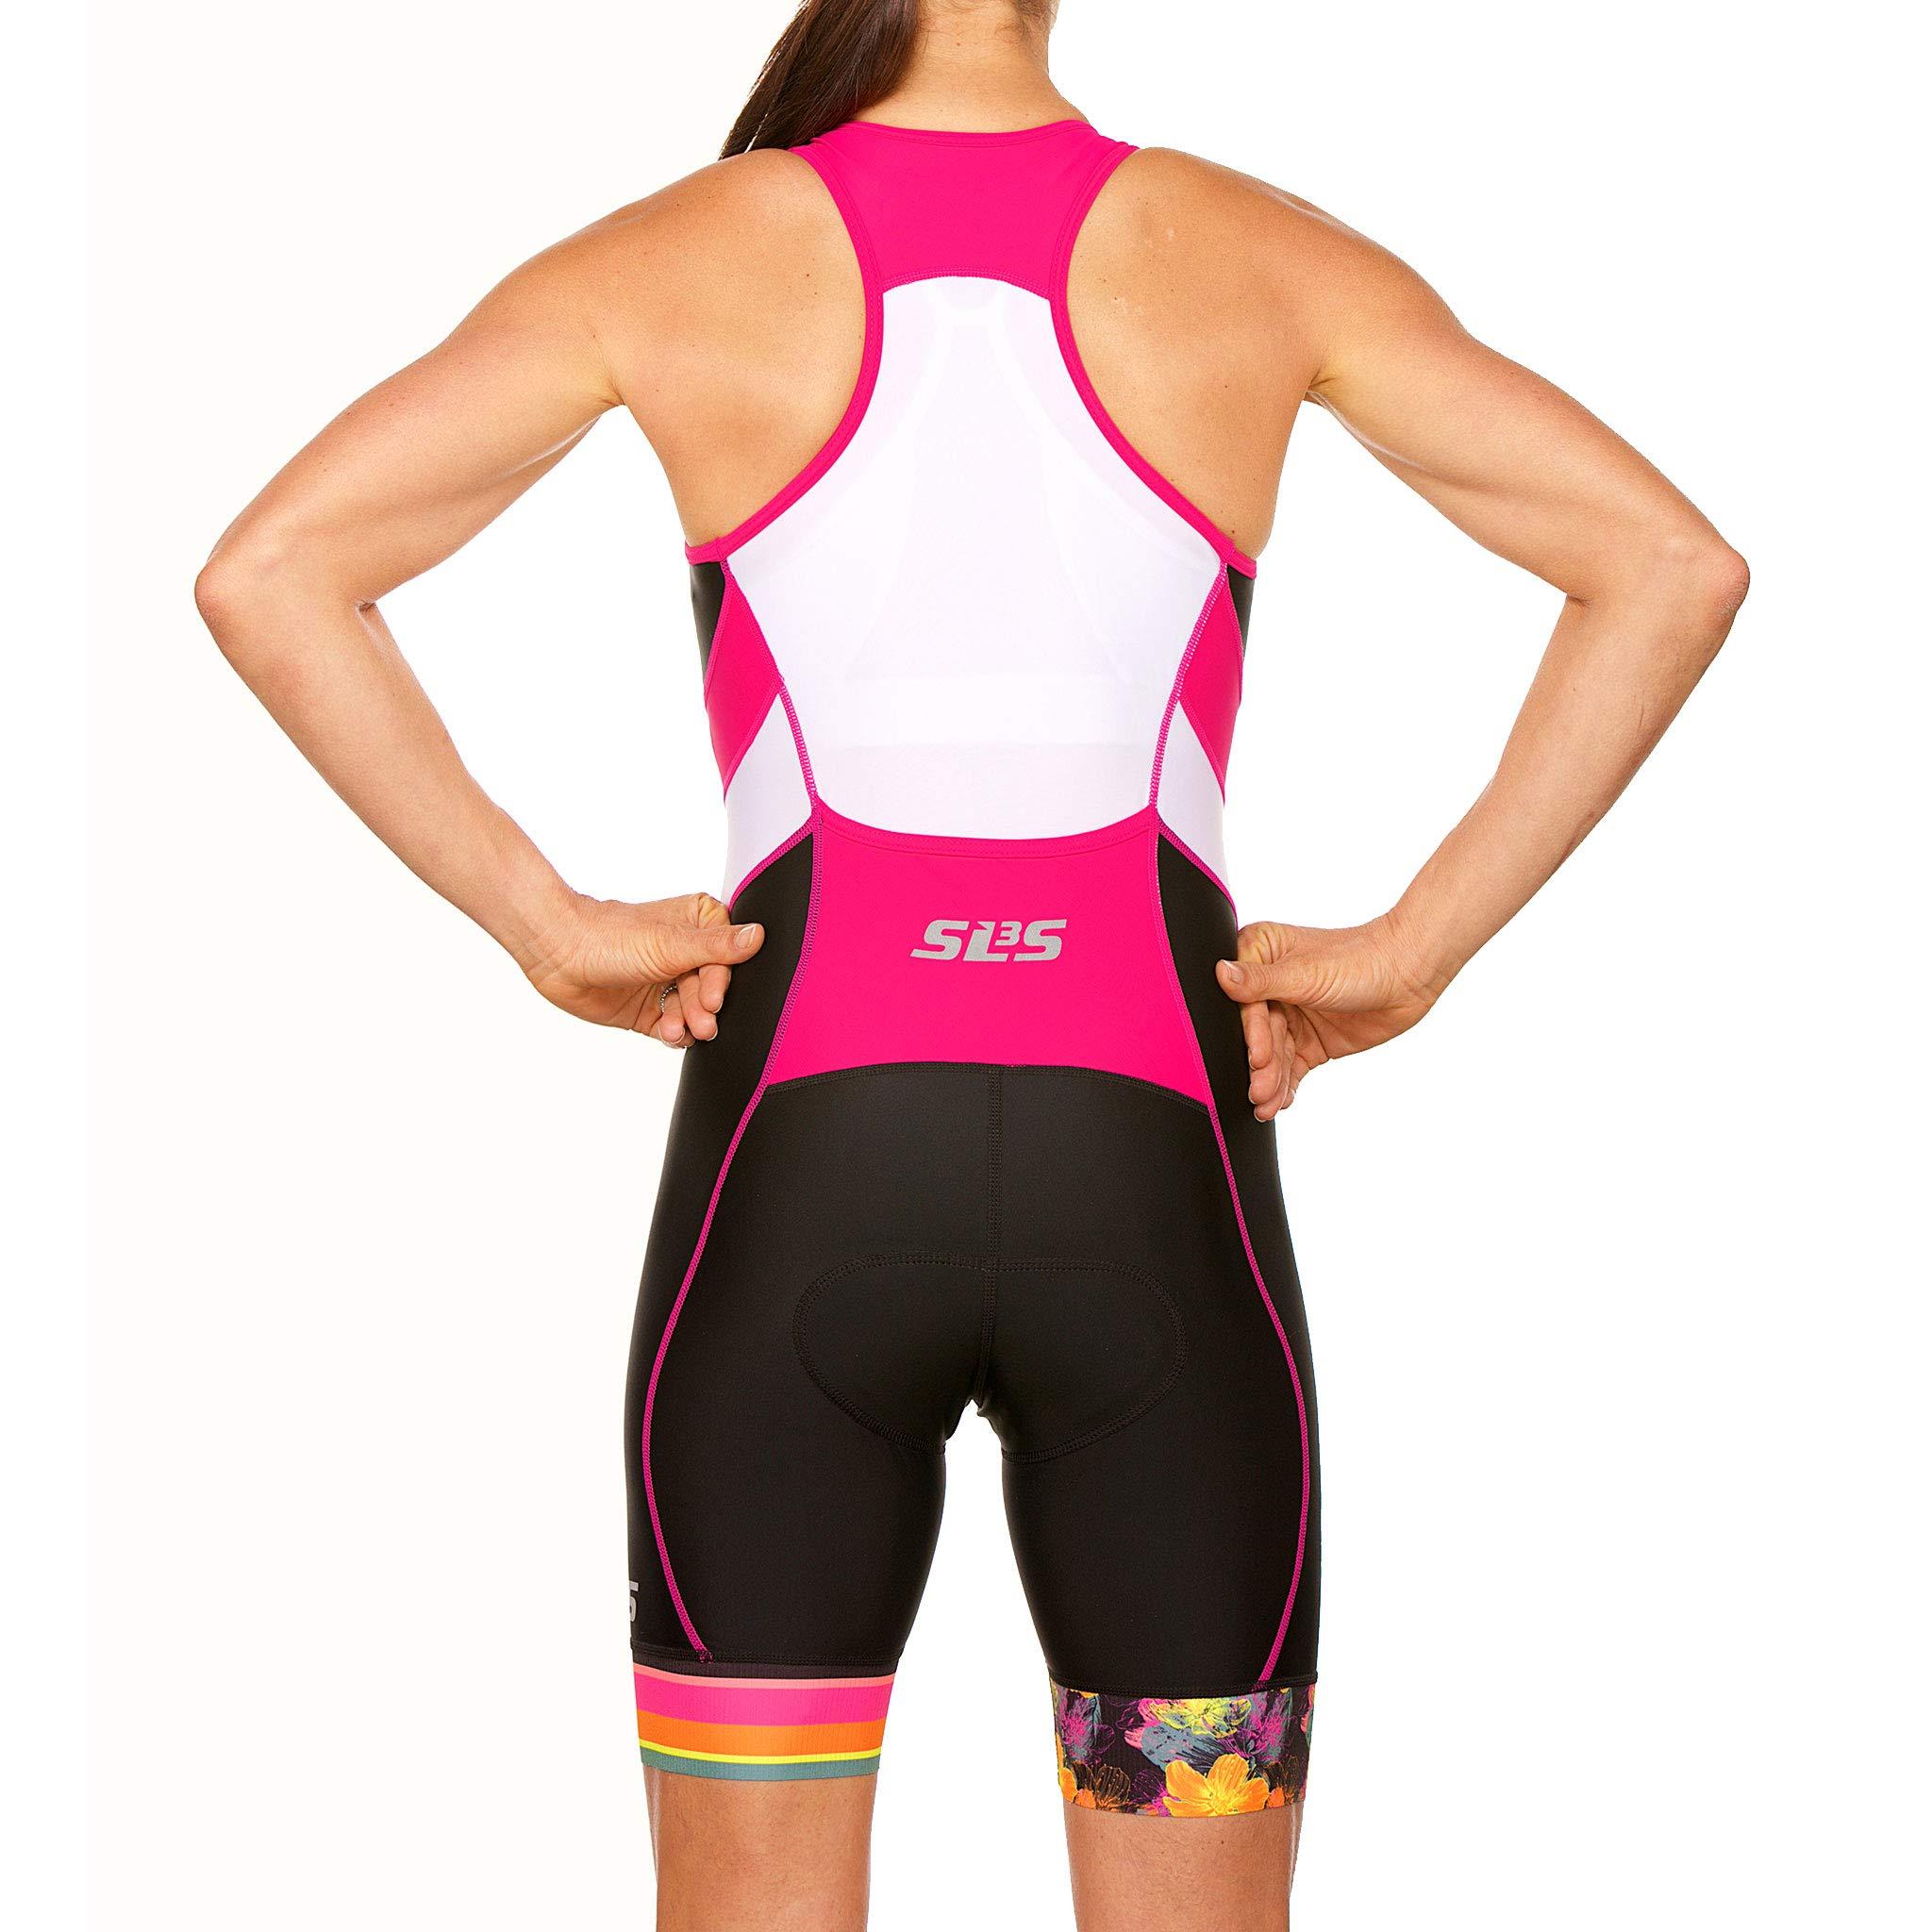 SLS3 Women`s Triathlon Suit FX | Womens Trisuits | 1 Pocket Triathlon Gear Suits Women | Anti-Friction Seams Womens Tri Suit | German Designed (Black/Bright Rose, XS) by SLS3 (Image #7)